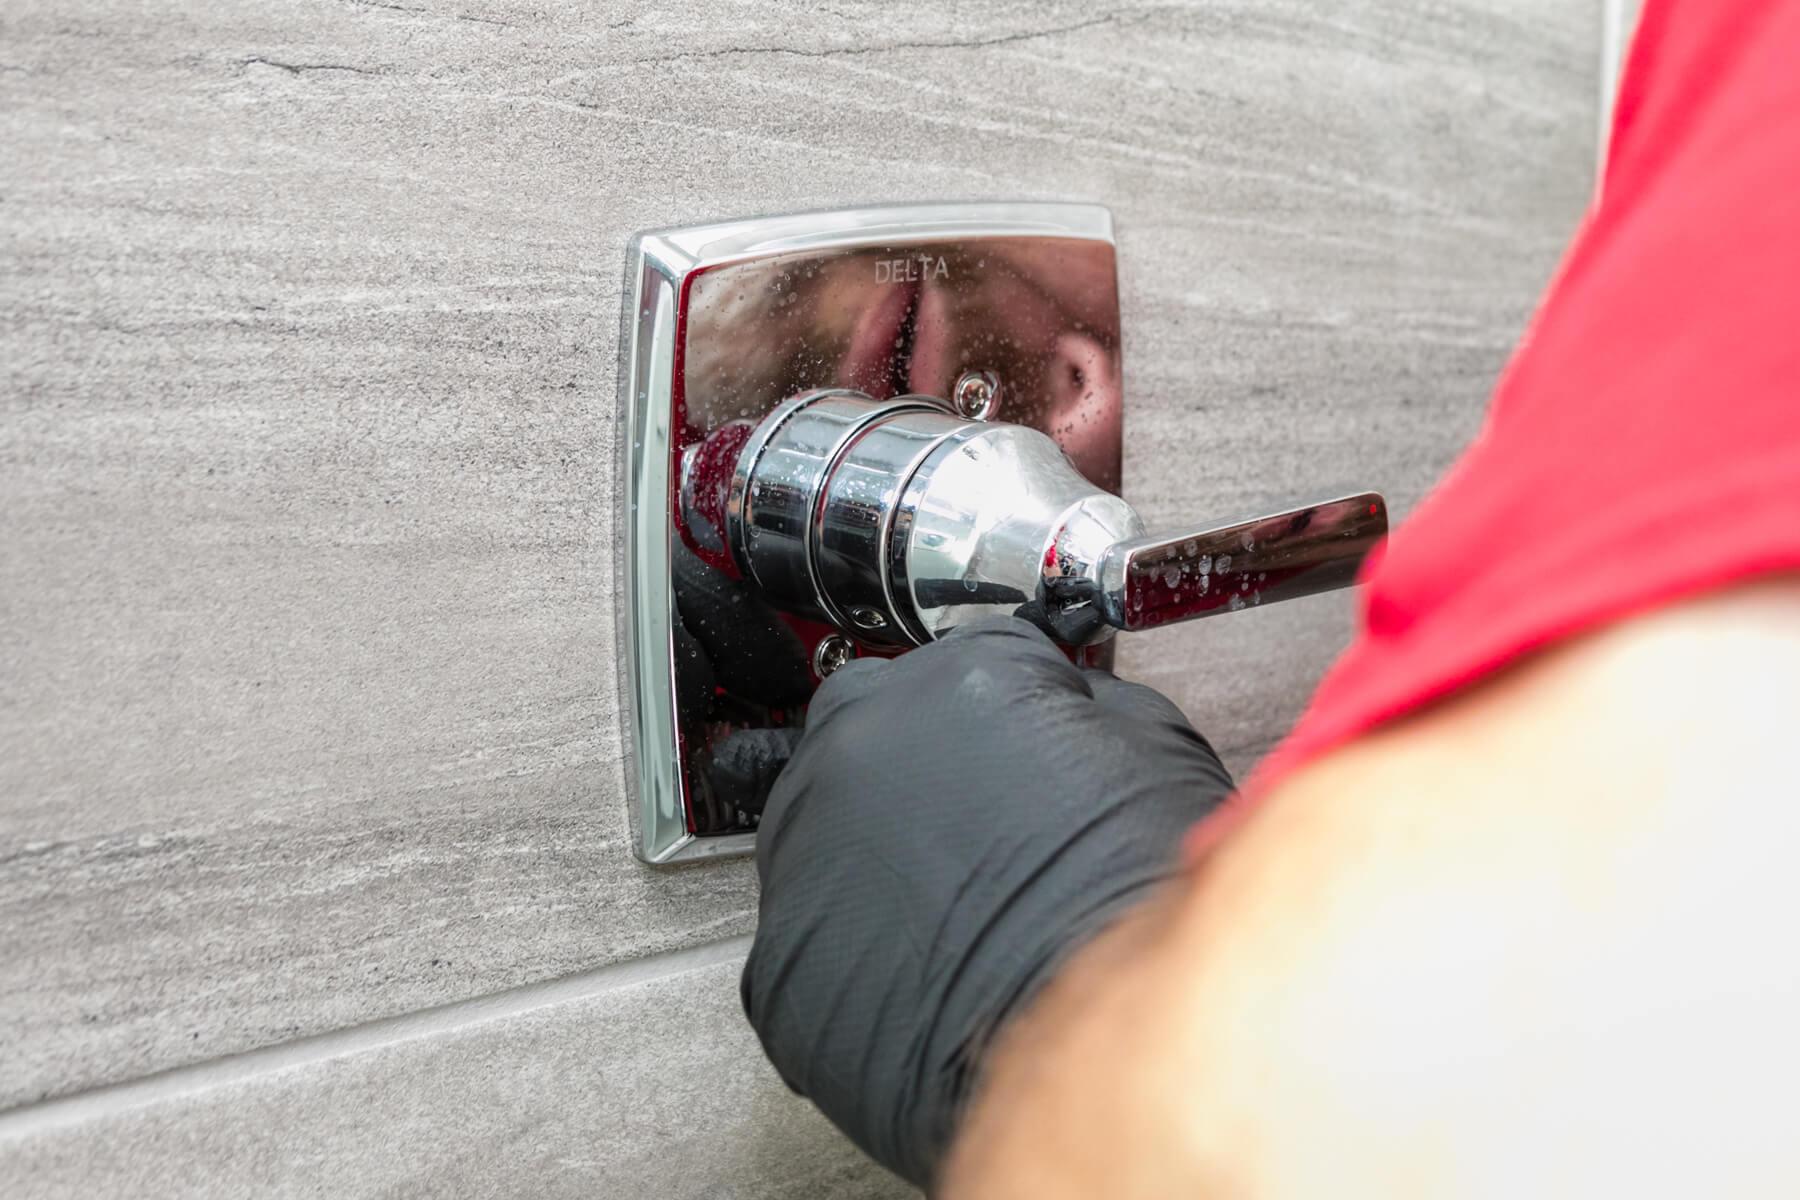 Plumbing Fixture Repair & Installation Services in Schererville, IN